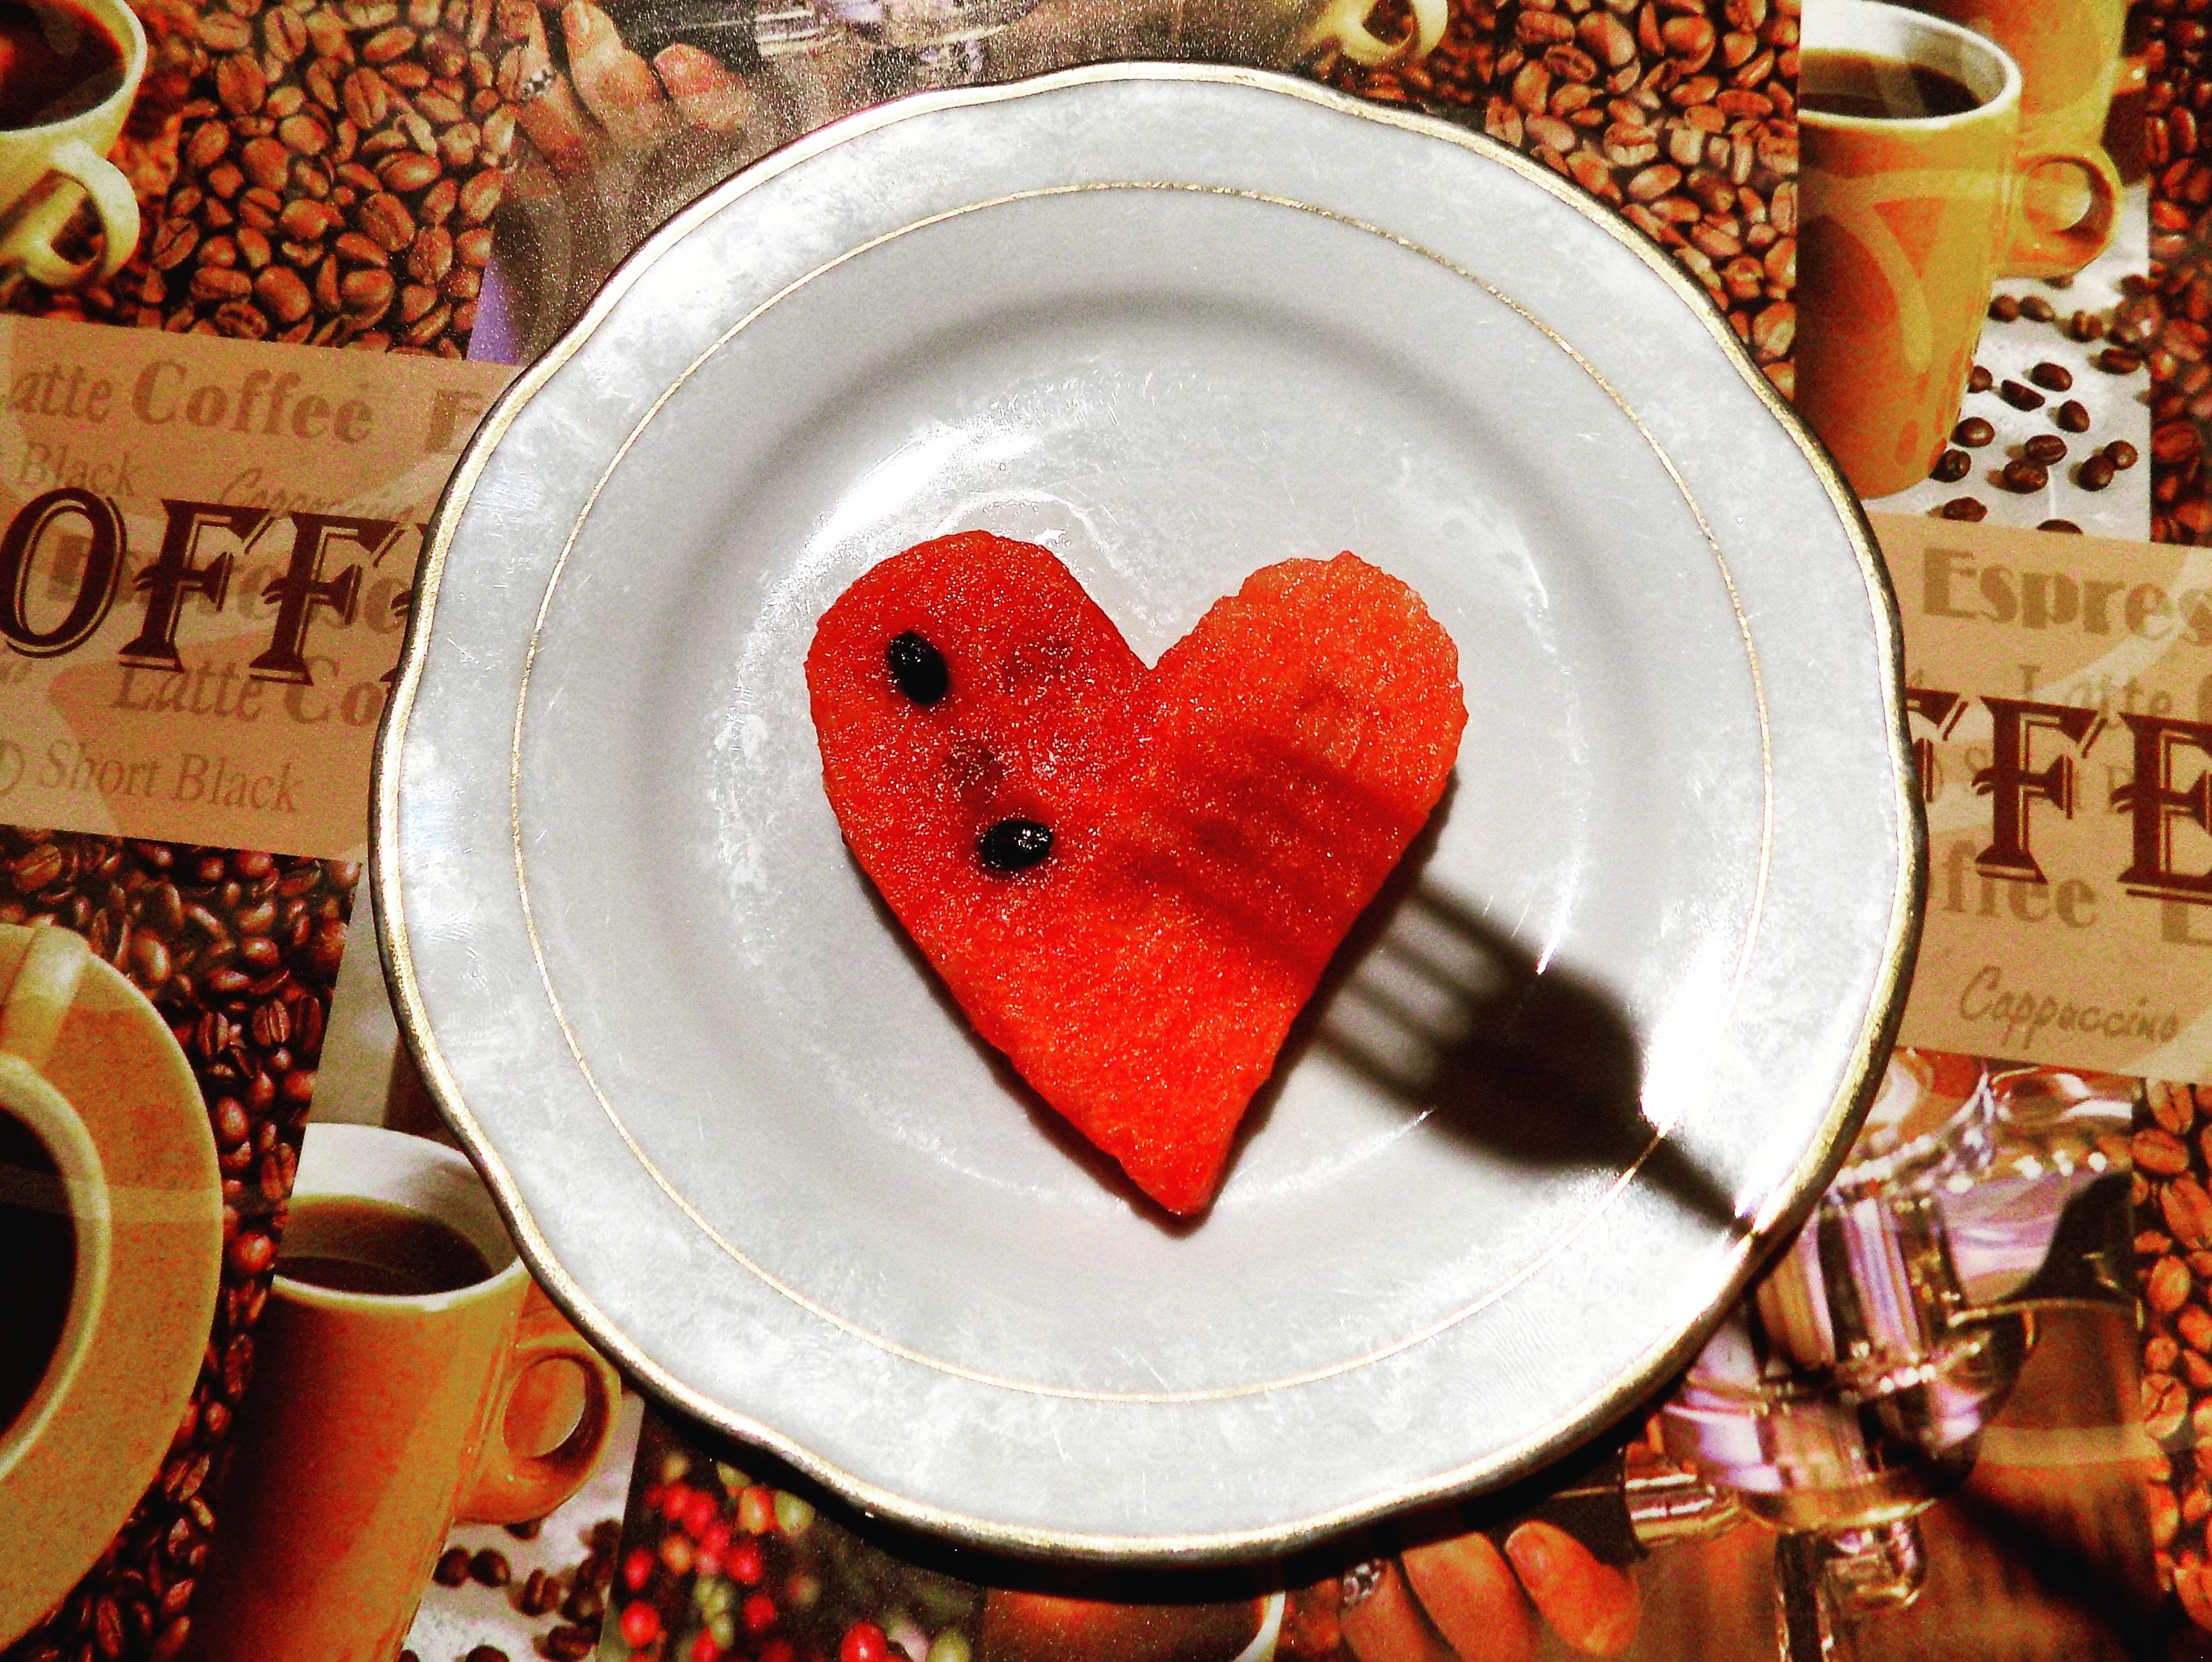 A szeretés: művészet! 5 fontos gondolat Erich Frommtól